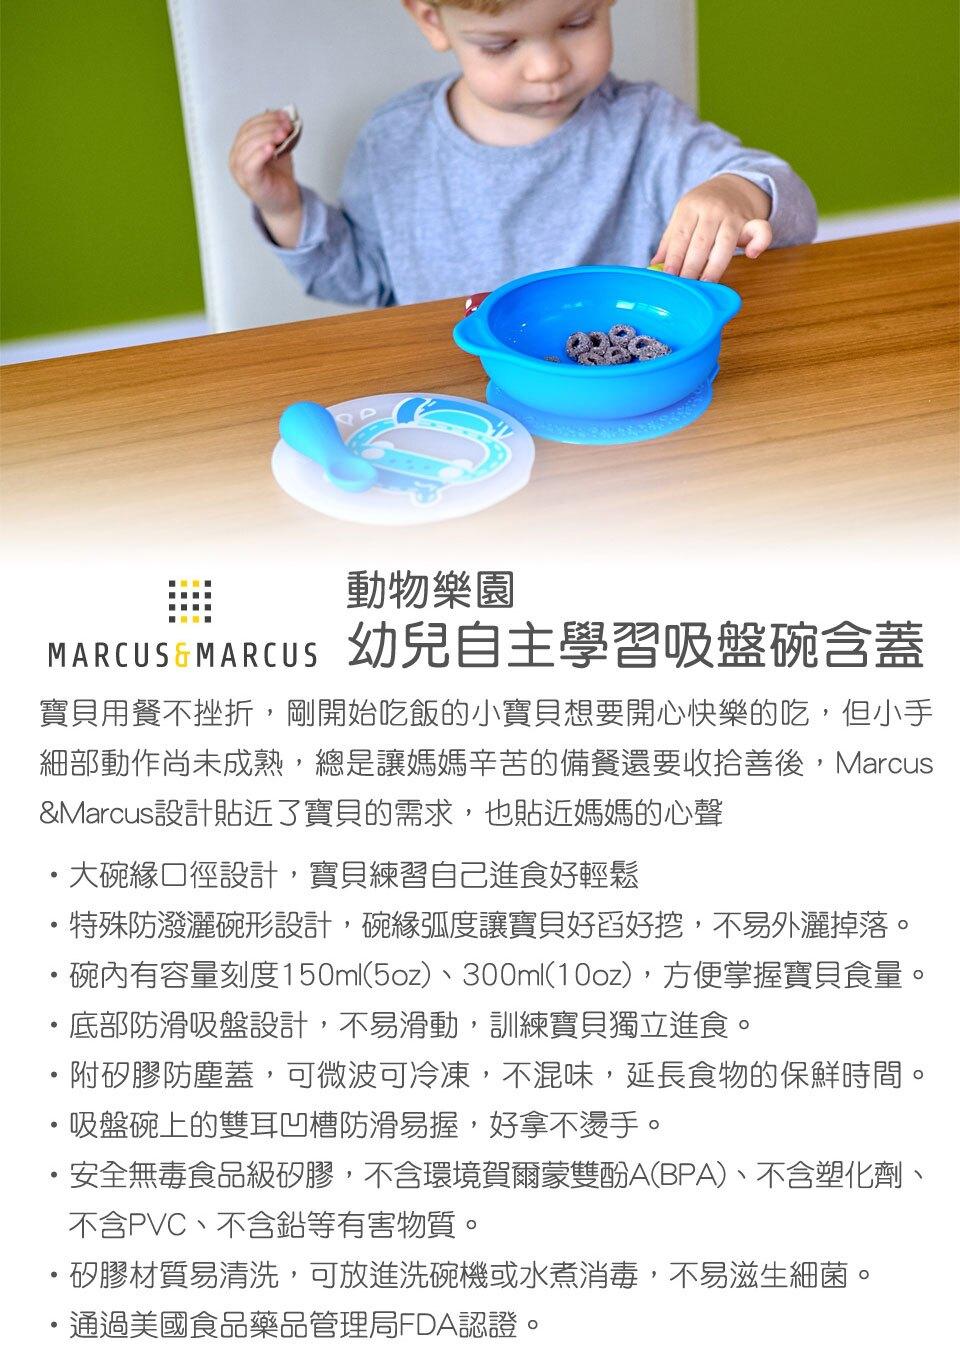 【加拿大 Marcus & Marcus】動物樂園 幼兒自主學習吸盤碗含蓋-鯨魚(紫)